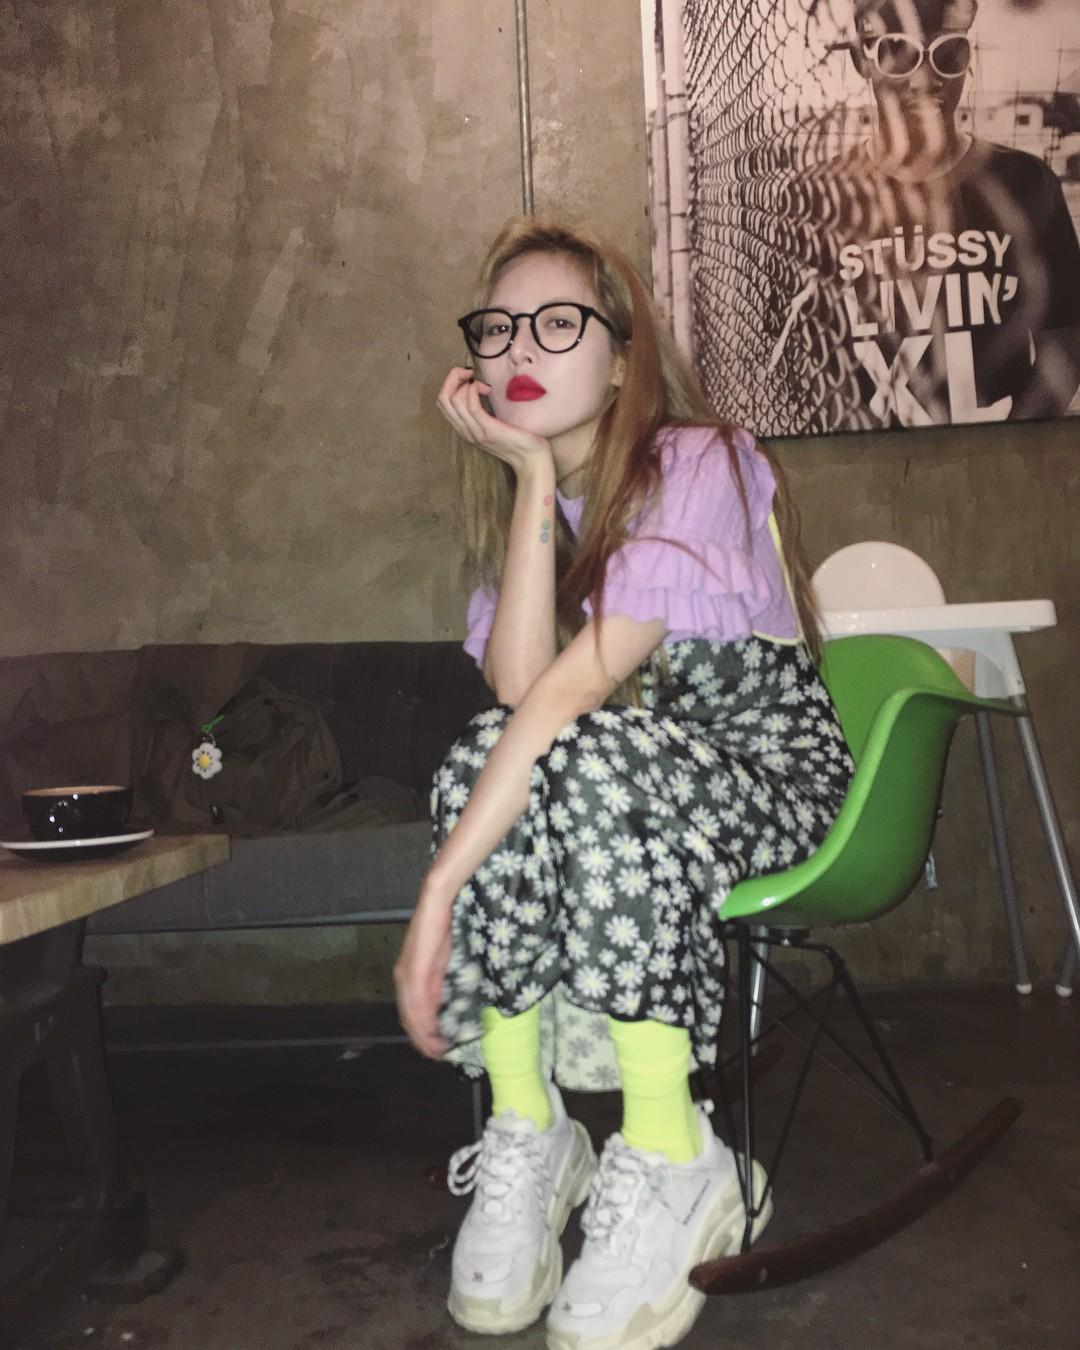 Cắt duyên với Hyuna, Cube sẽ tìm đâu một cá tính ăn mặc thú vị thế nữa? - Ảnh 9.